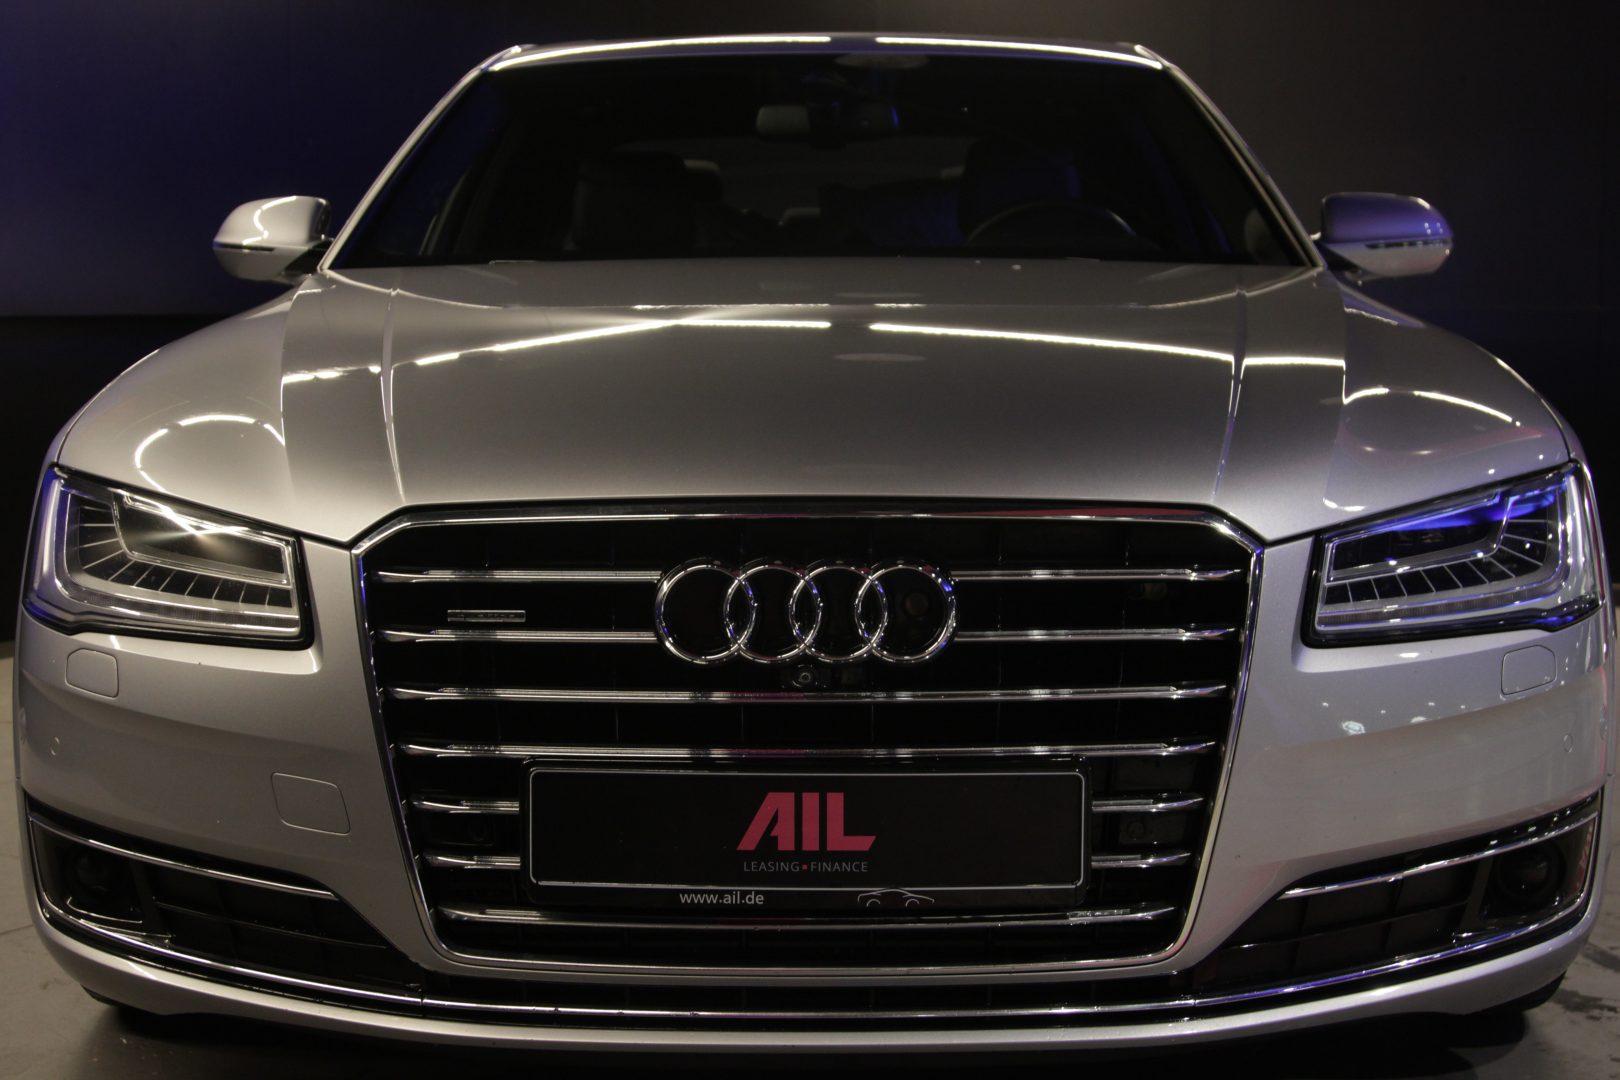 AIL Audi A8 3.0 TDI  quattro 4